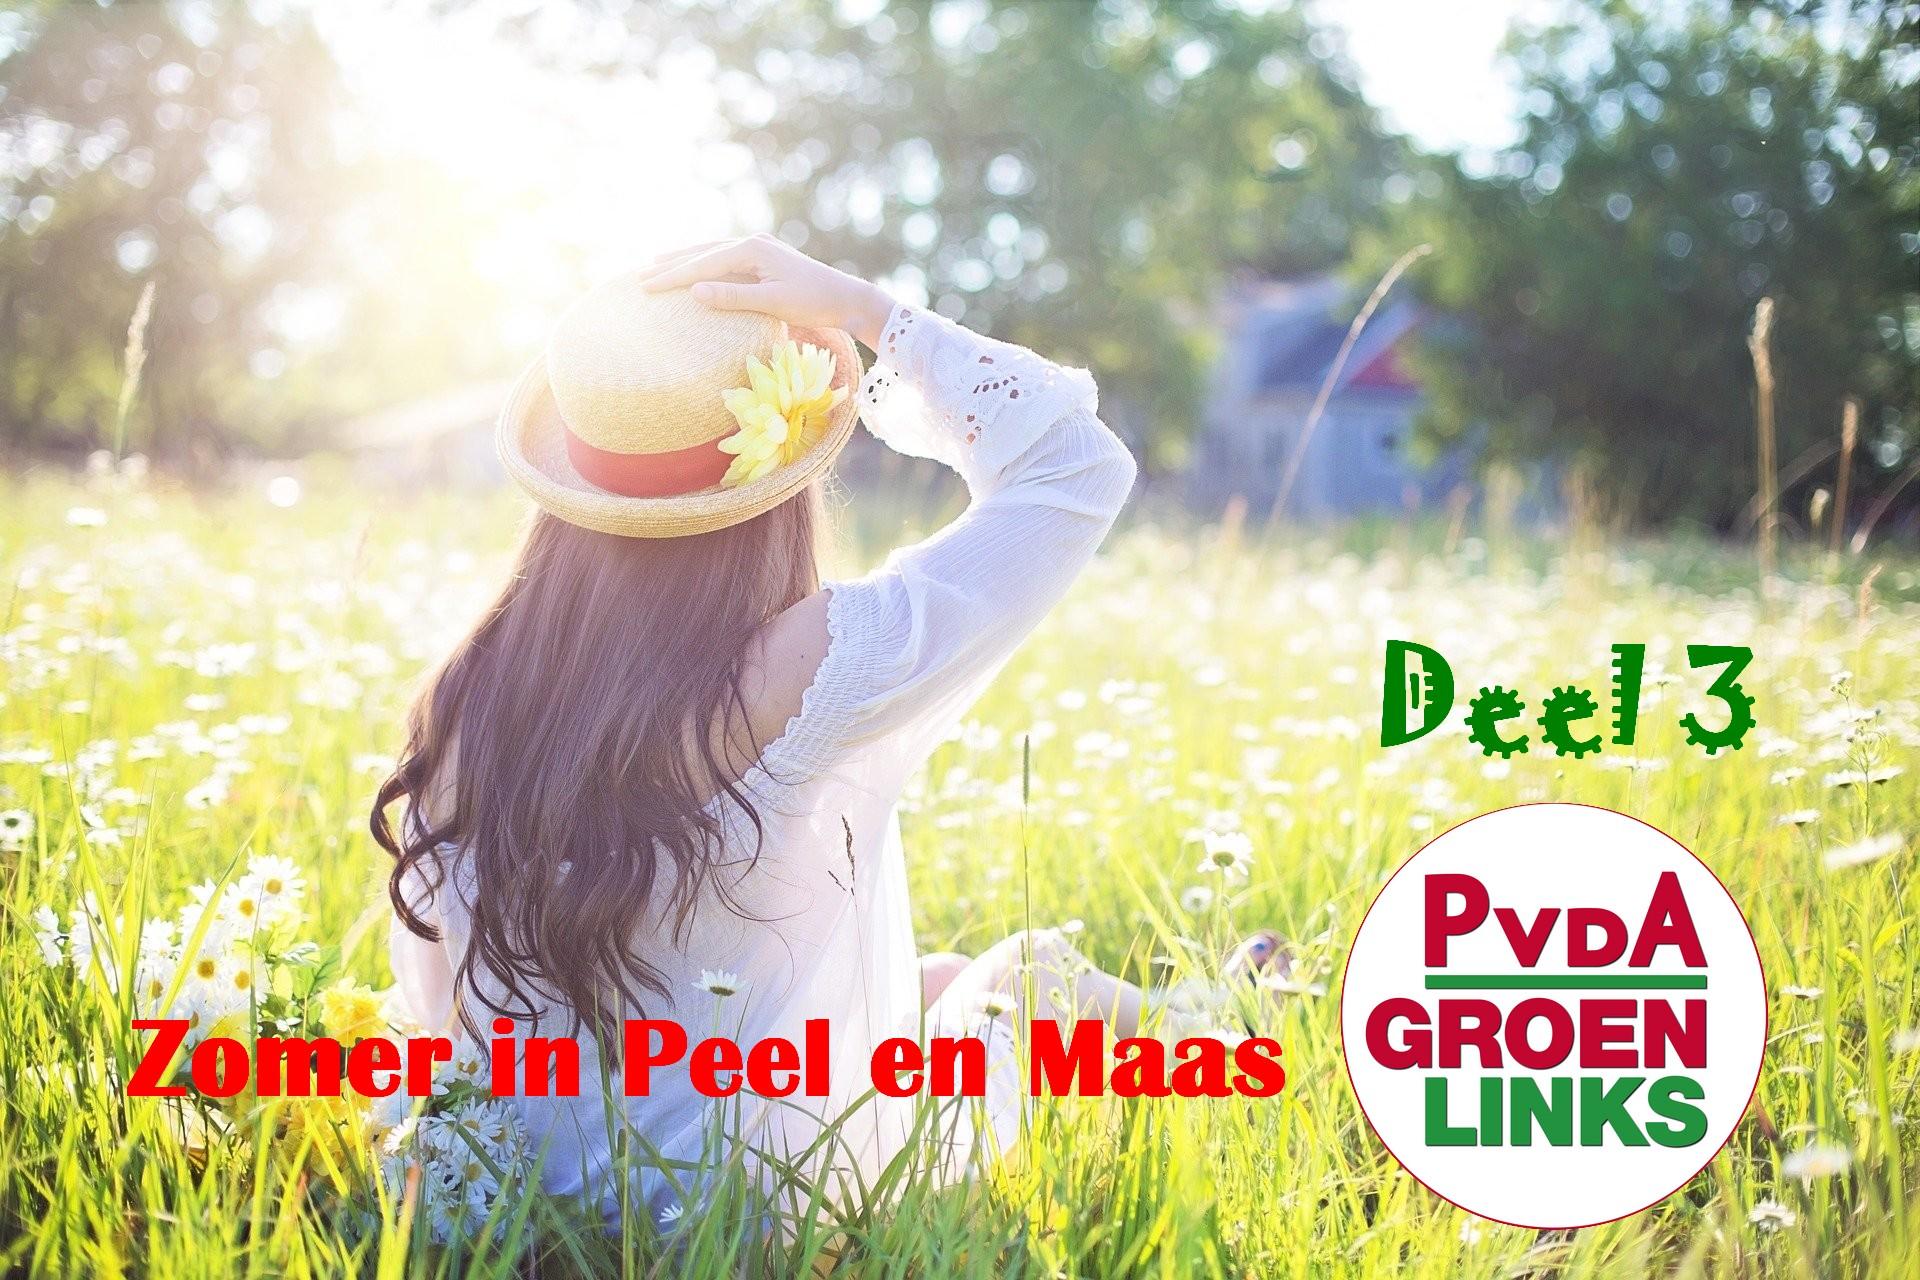 https://pvdagroenlinks.nl/zomer-in-peel-en-maas-deel-3-2/